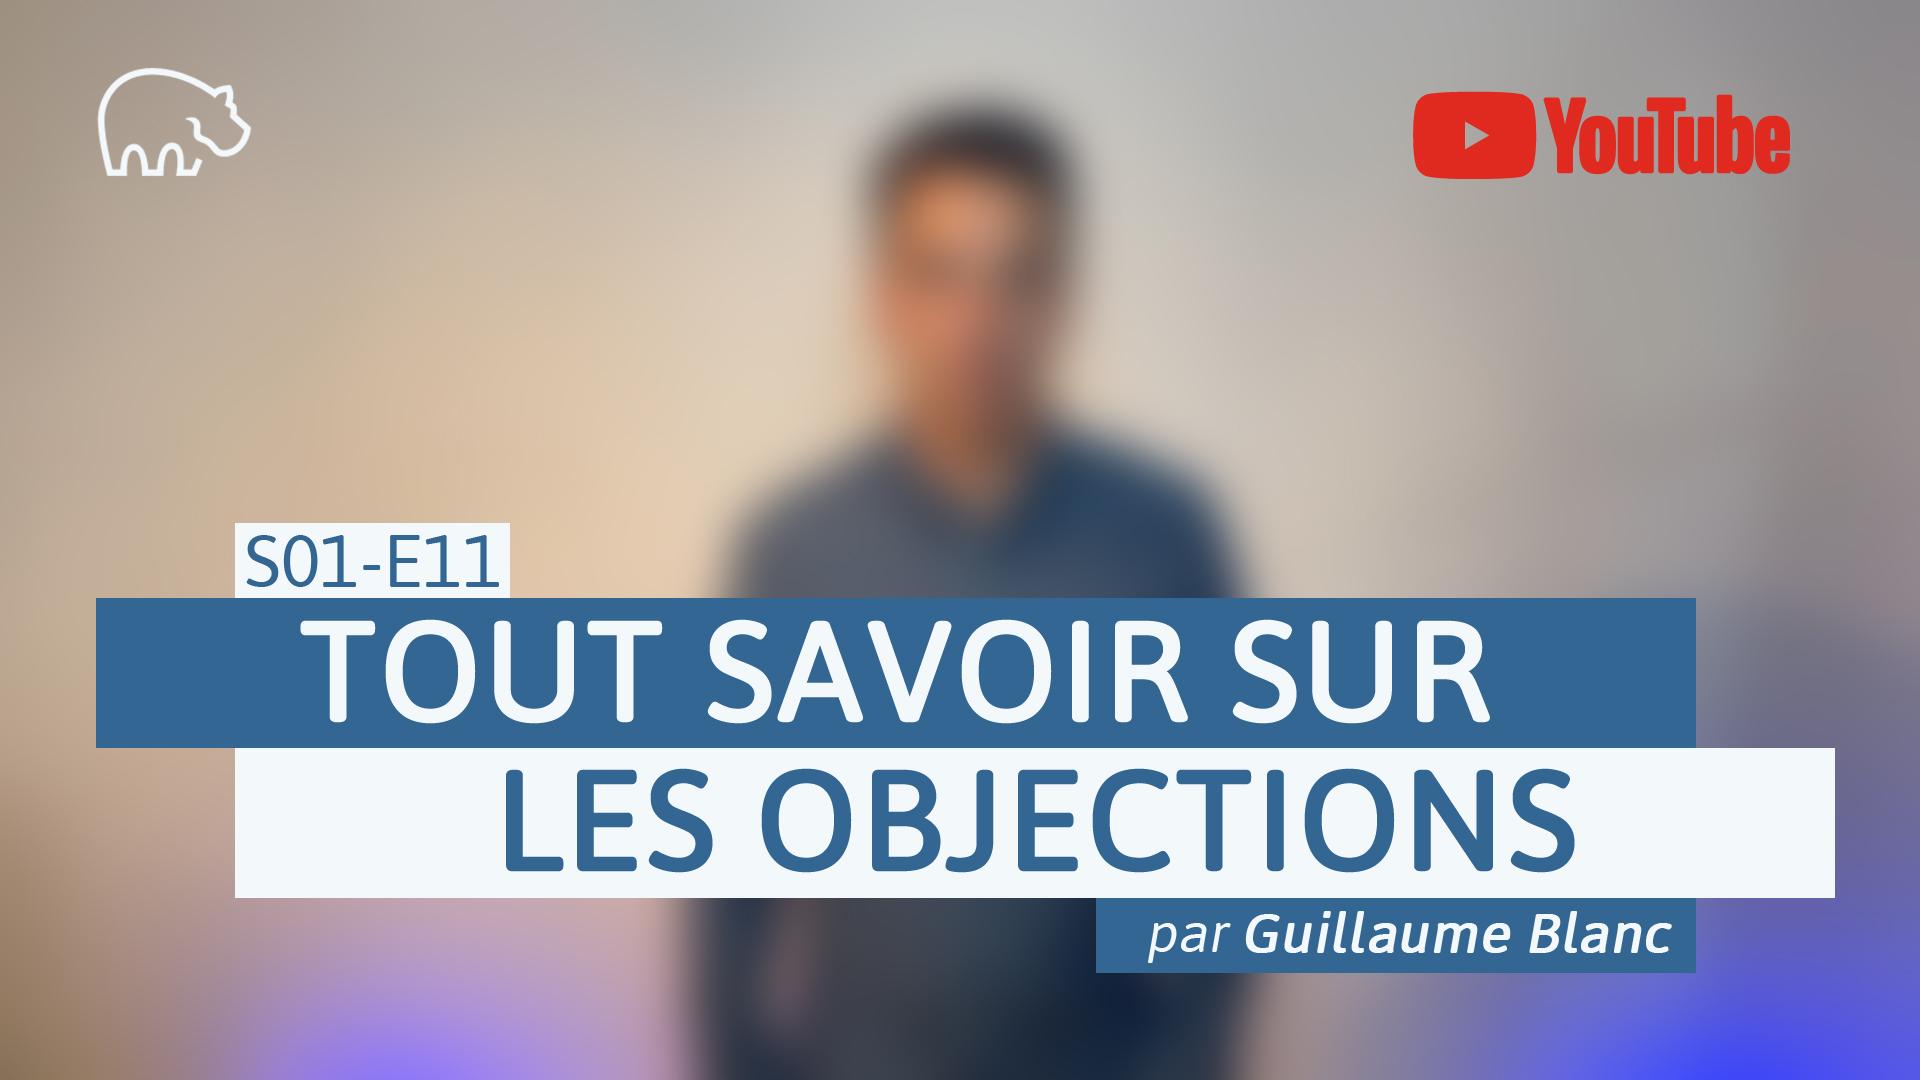 Bannière illustration - ImmoPotamTV - YouTube - Guillaume Blanc - S01-E11 - Tout savoir sur les objections